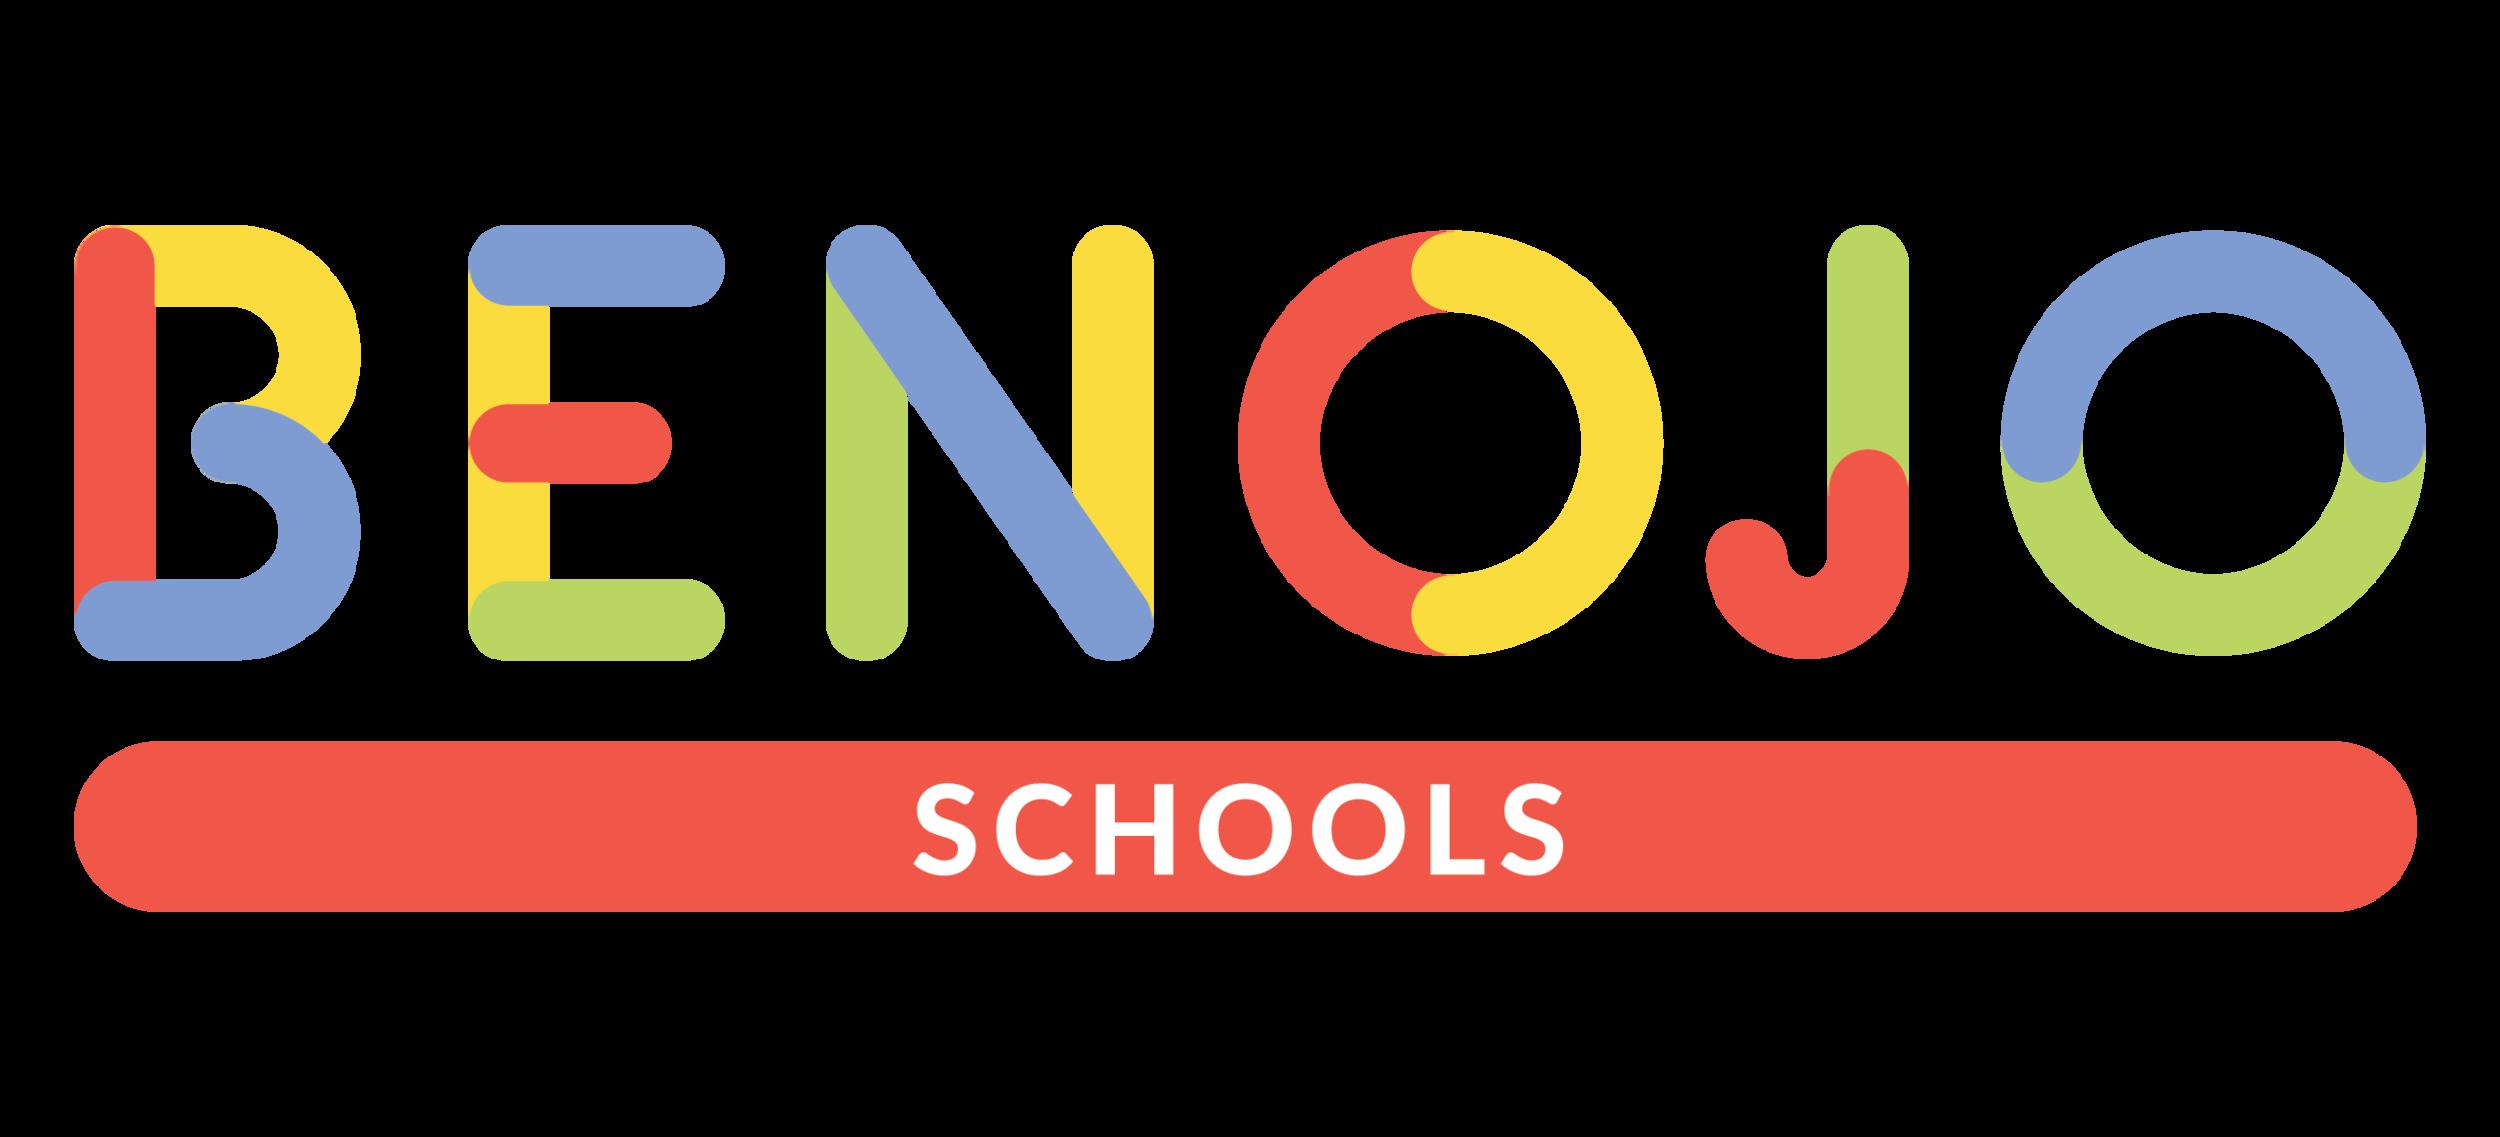 Benojo Schools.png